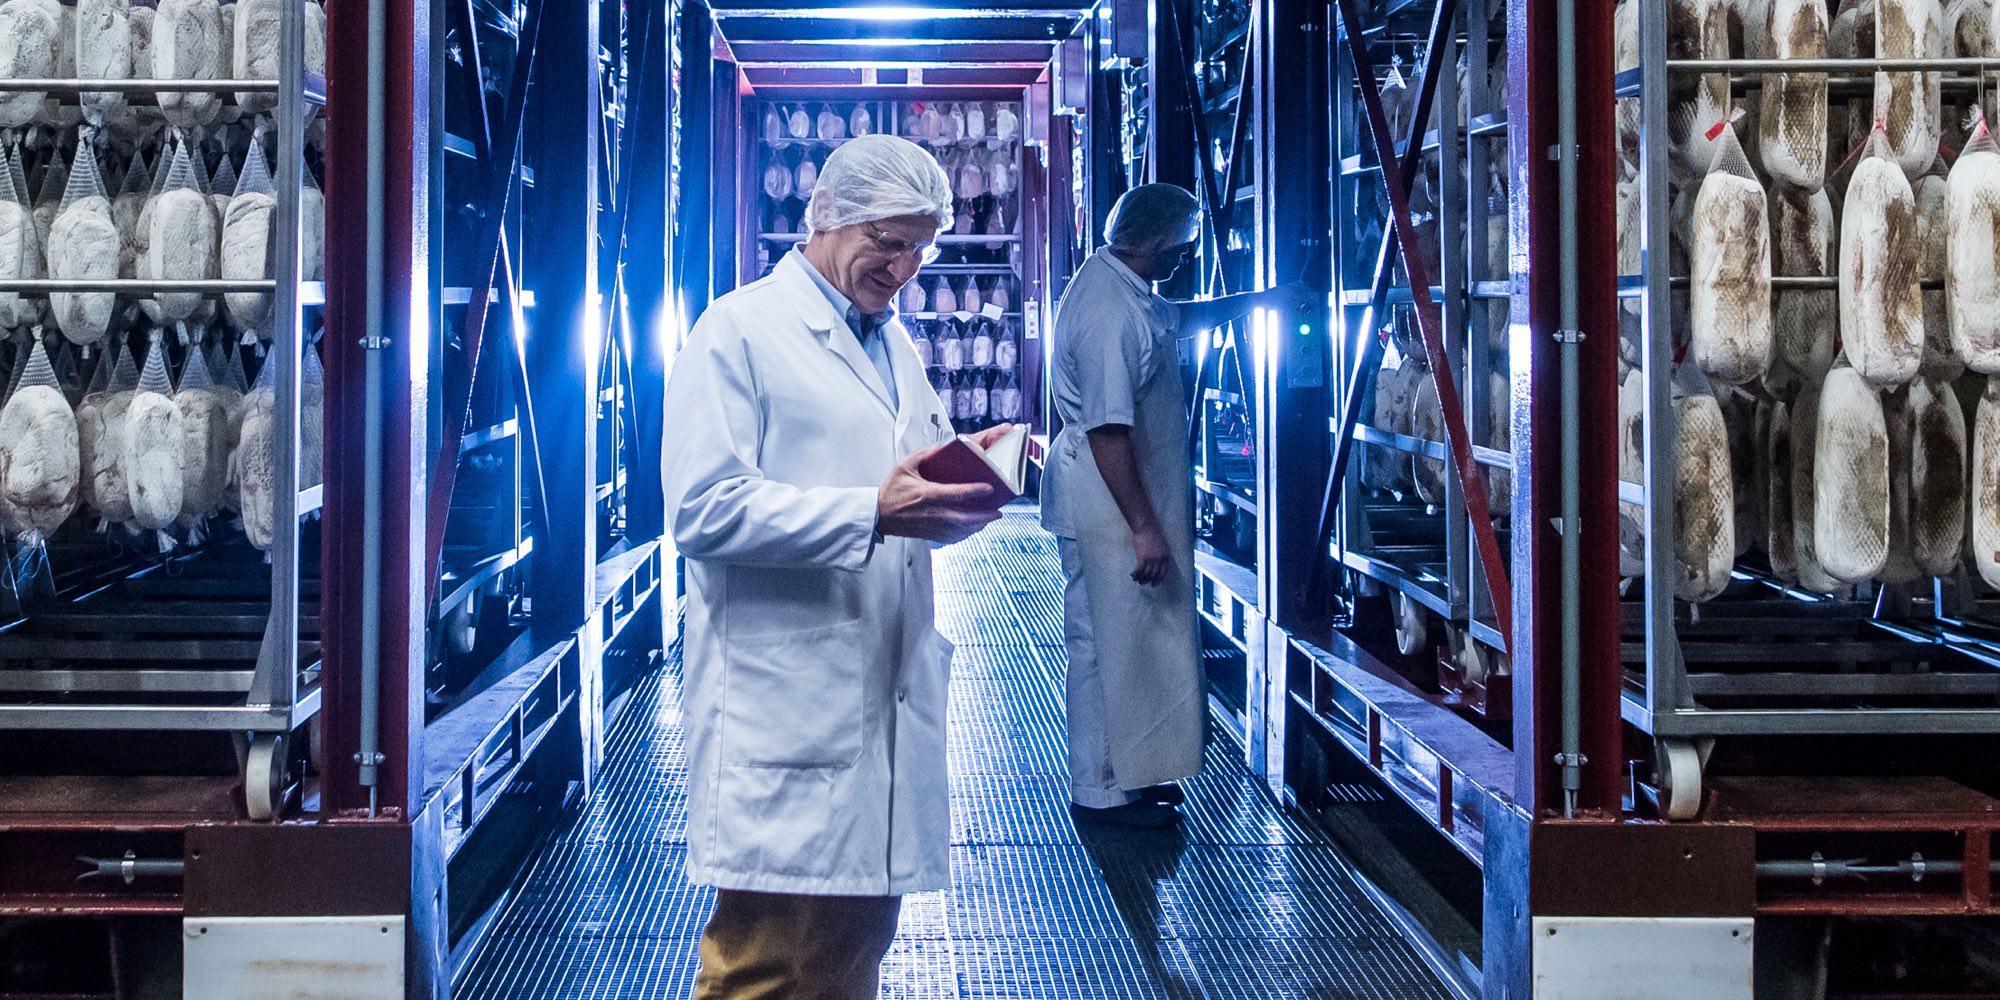 Ein Mann, der vor einem Industriekühlschrank für Lebensmittel steht